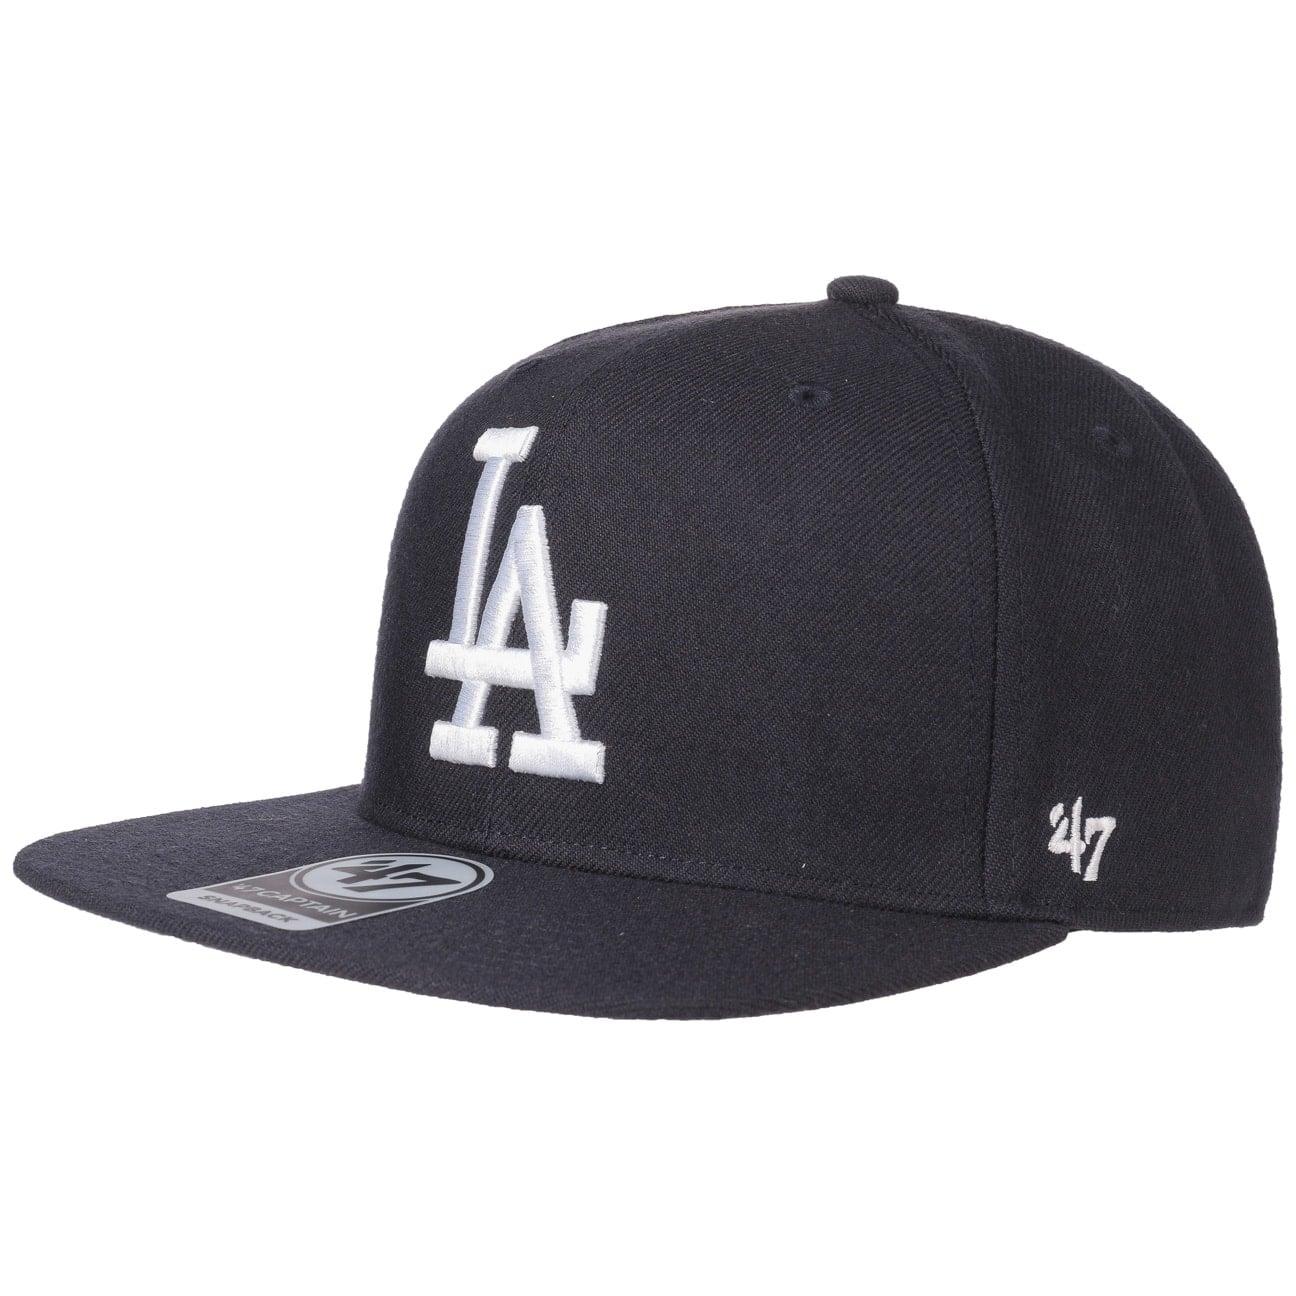 Gorra Captain Sureshot Dodgers by 47 Brand  gorra de baseball